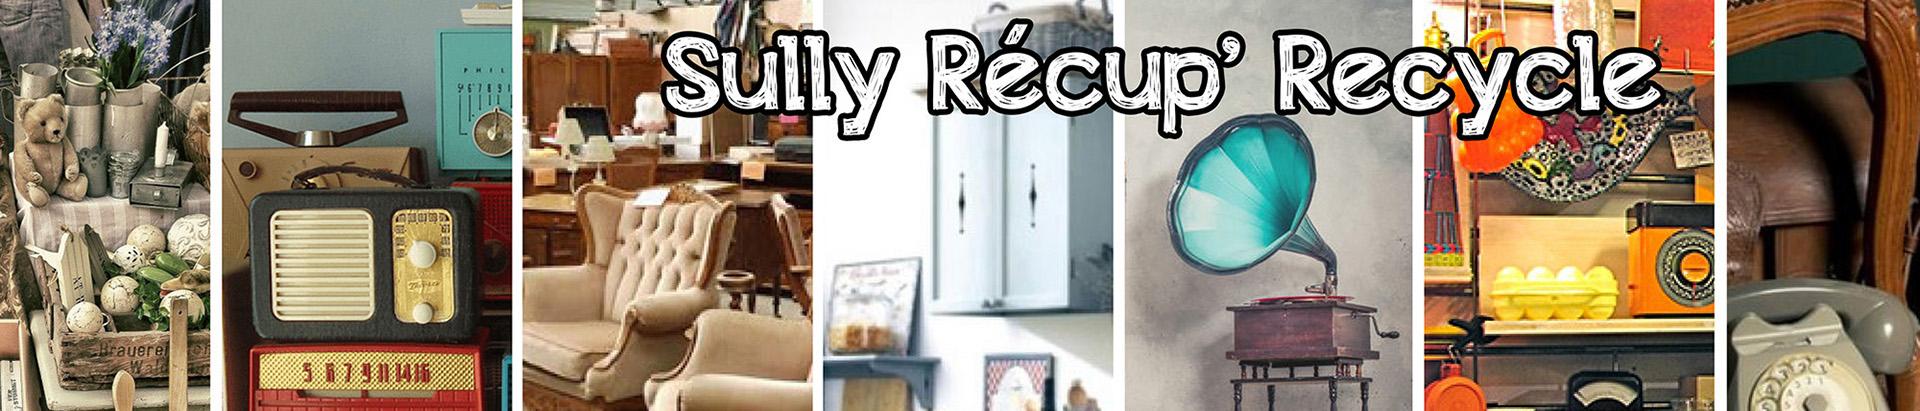 Sully Récup Recycle, une ressourcerie en Val de Sully